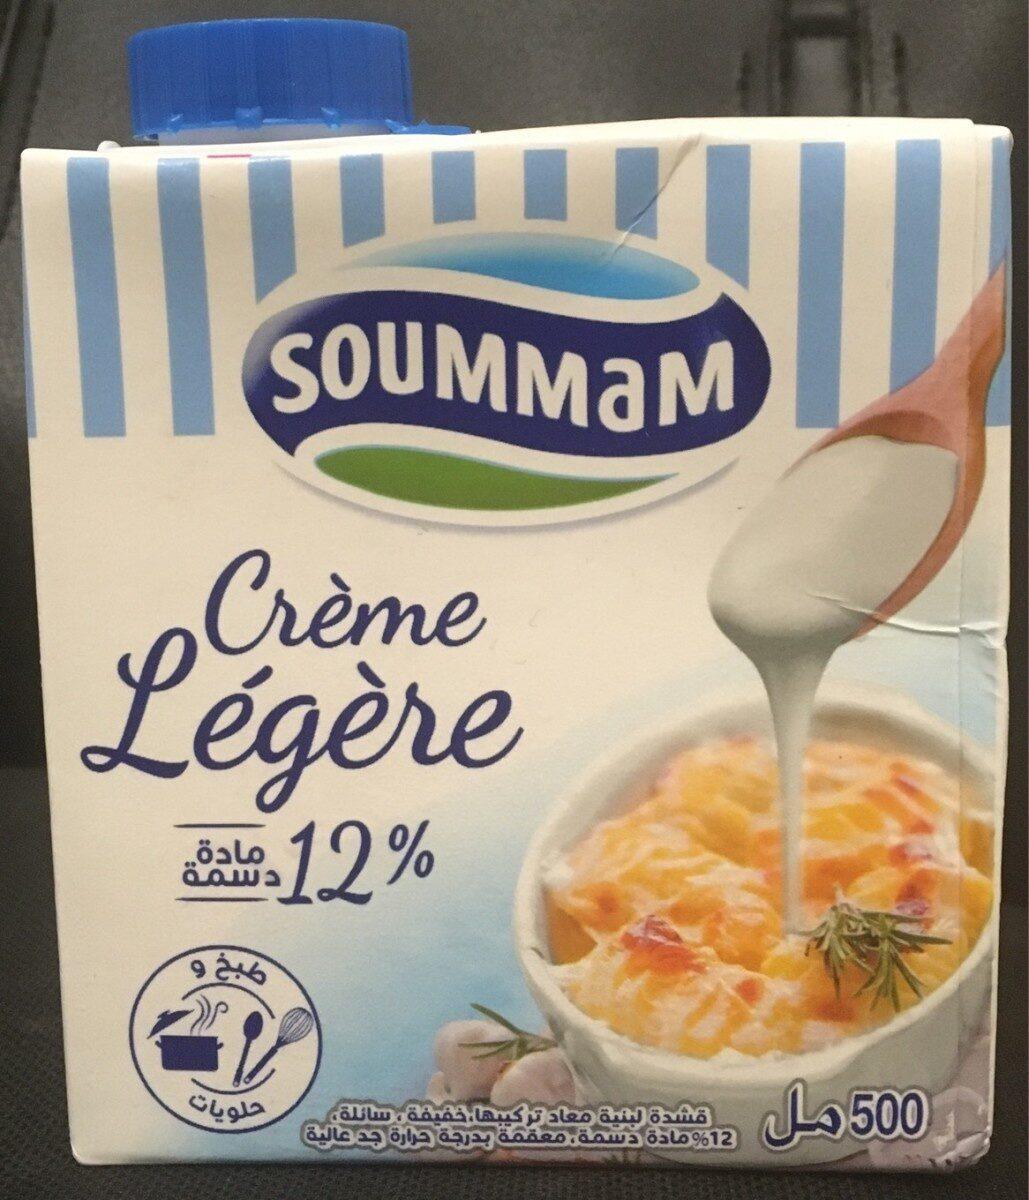 Crème Légère - نتاج - fr